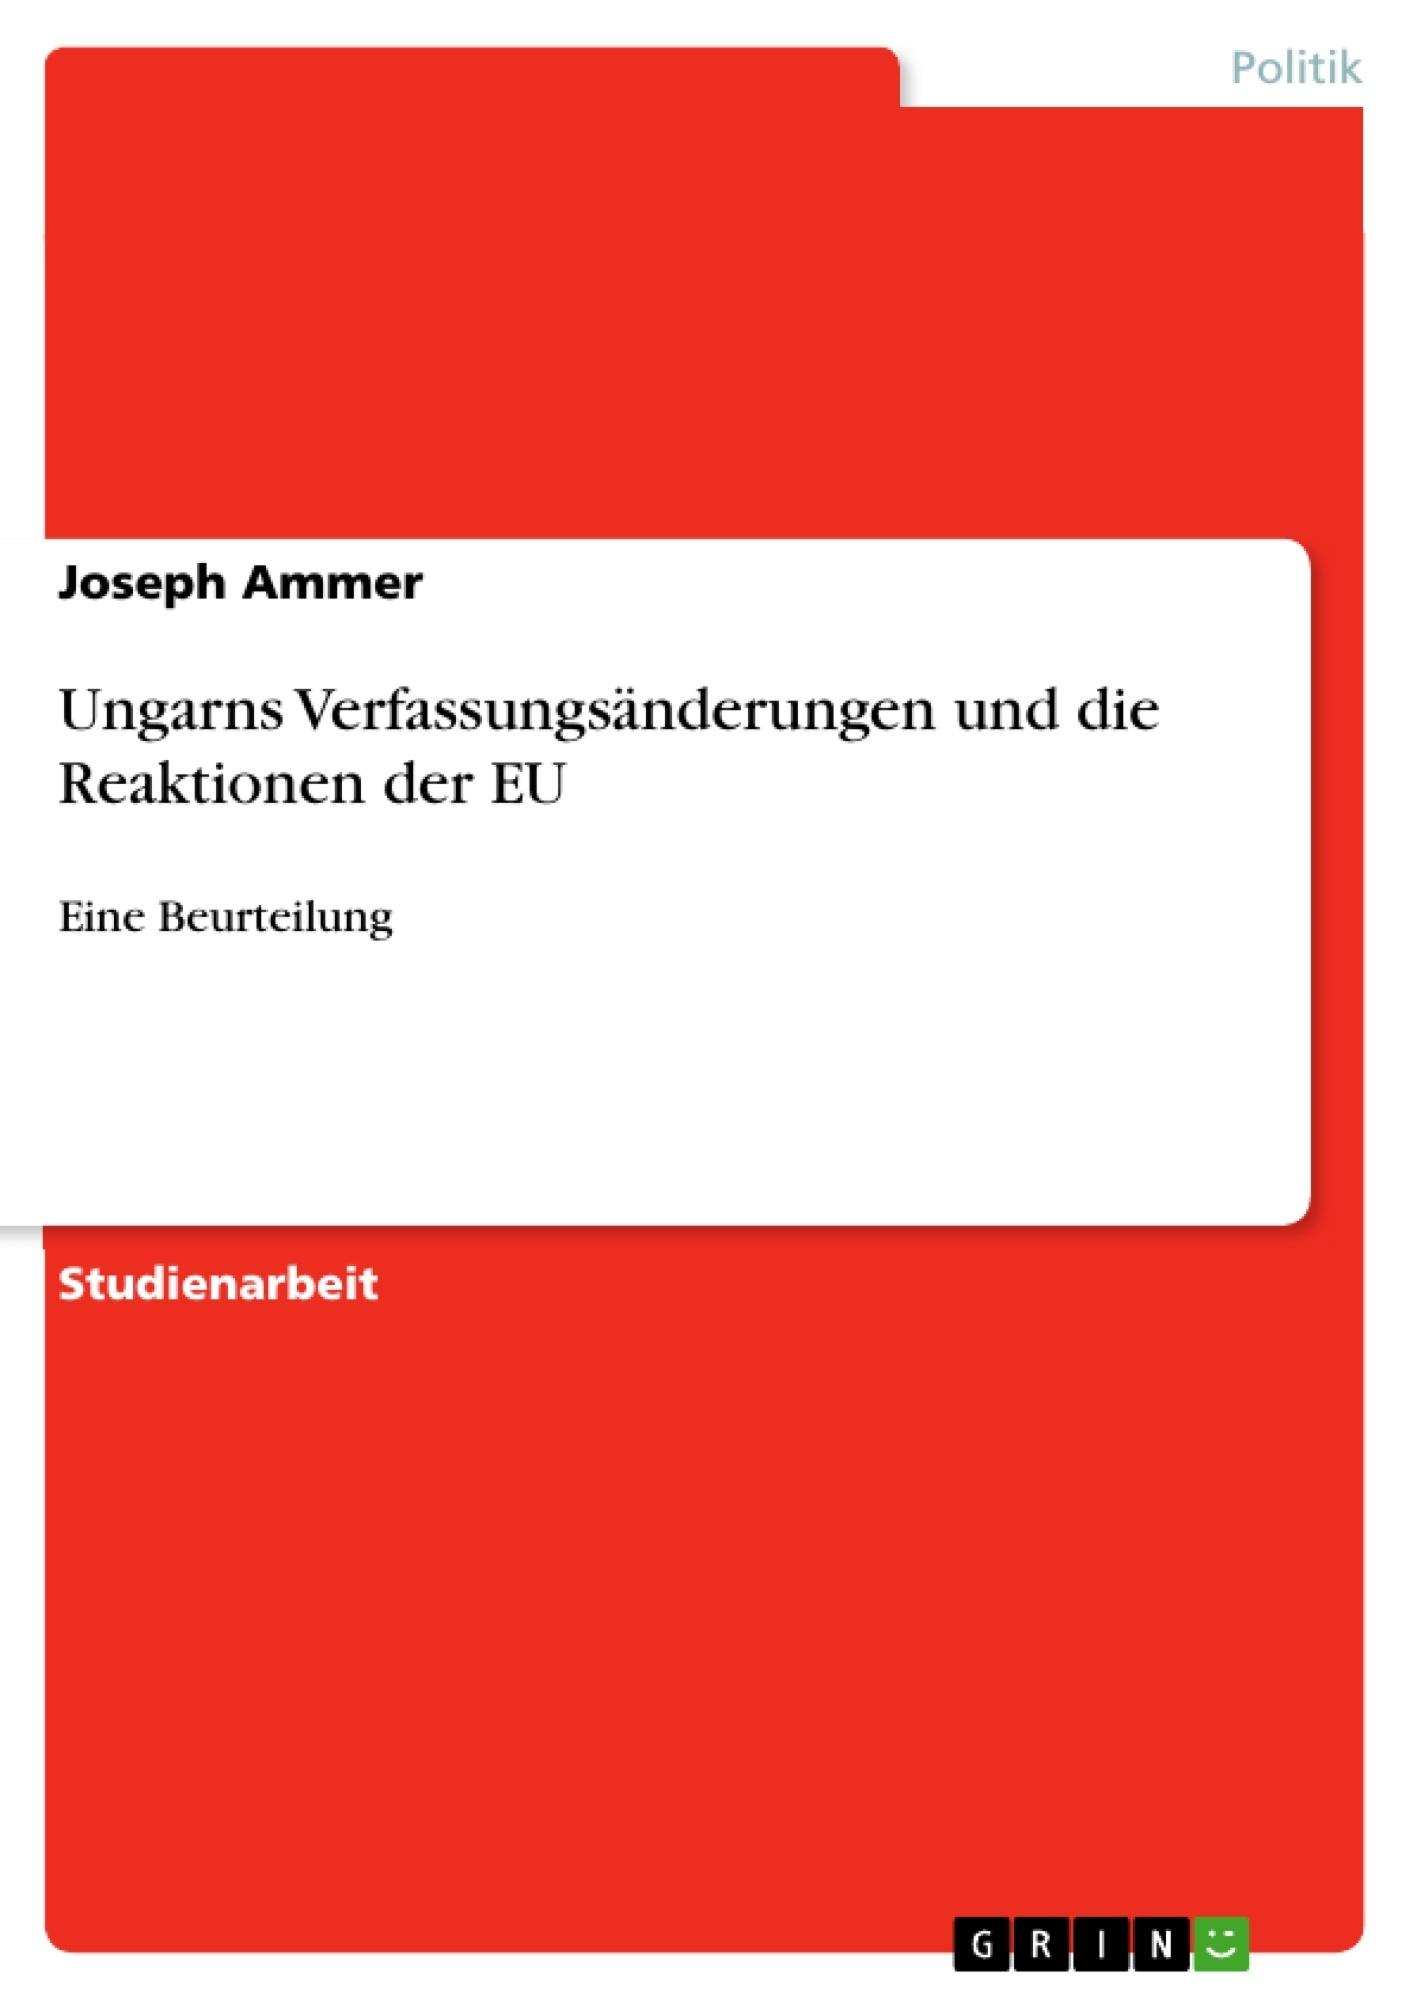 Titel: Ungarns Verfassungsänderungen und die Reaktionen der EU